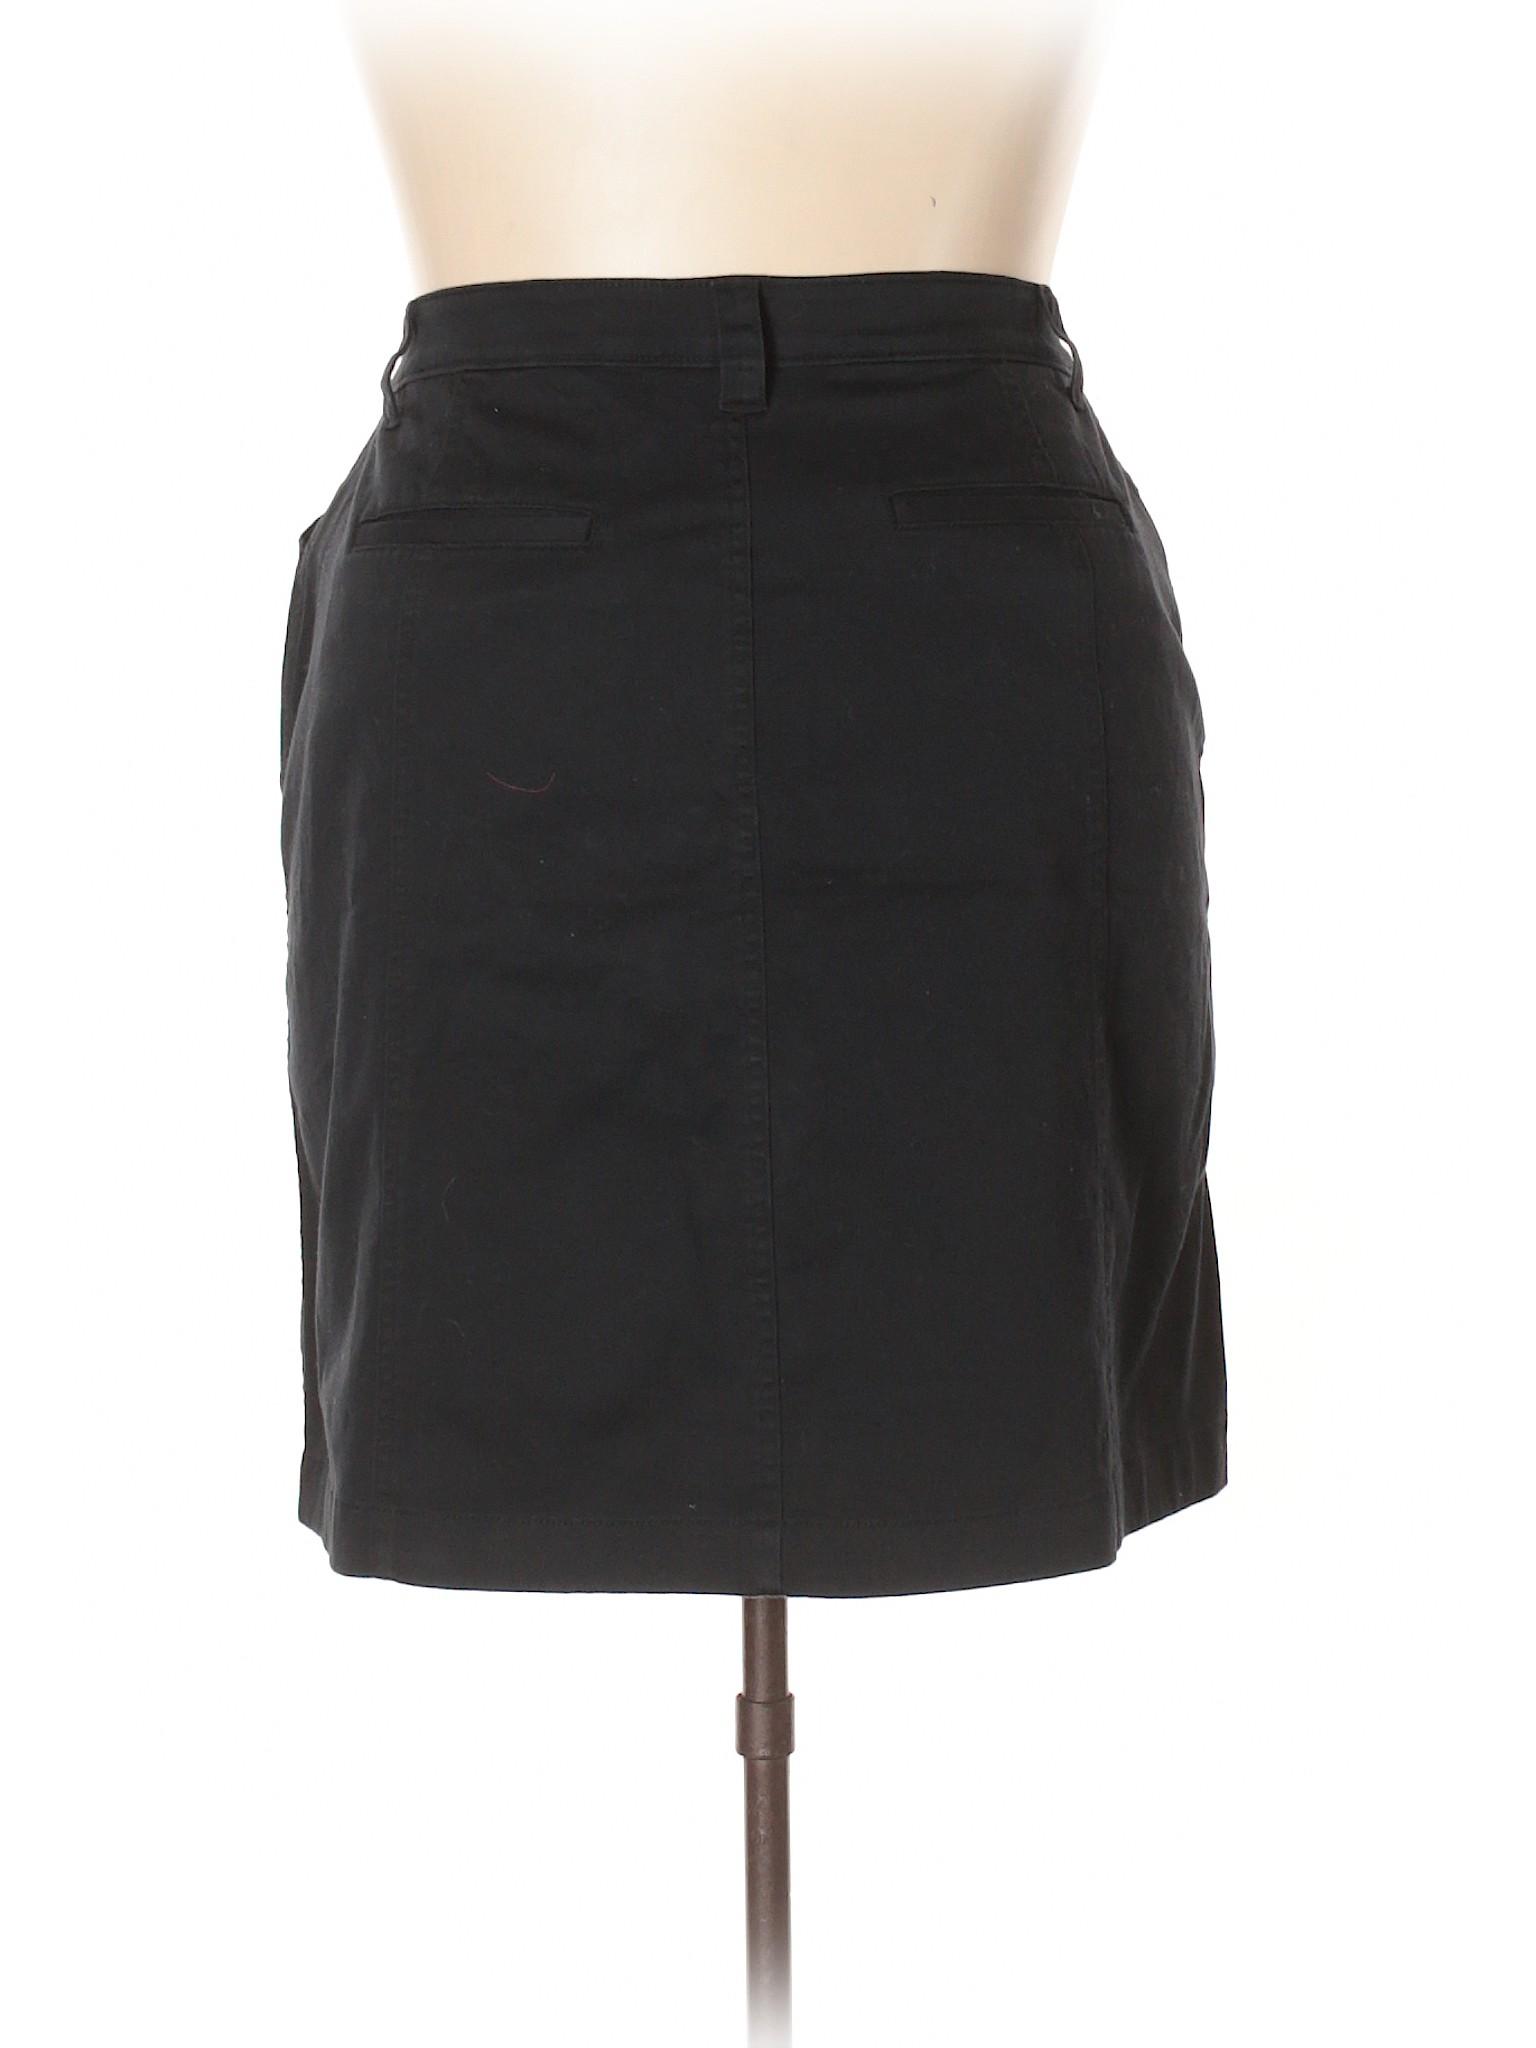 Casual Skirt Boutique Boutique Boutique Casual Skirt Casual 105qwnU